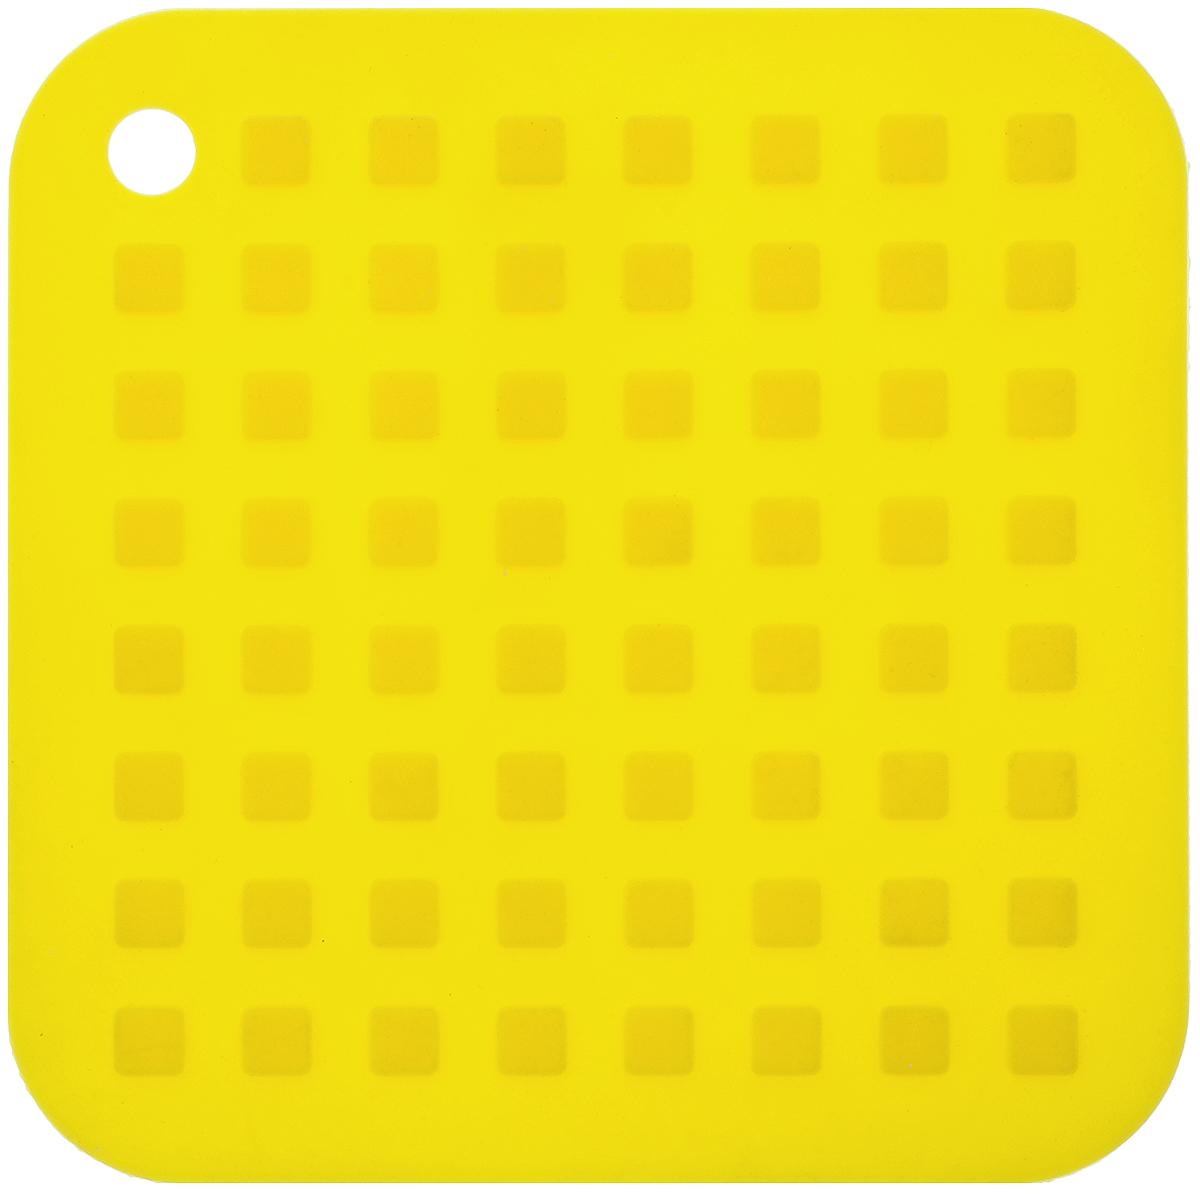 Подставка под горячее Mayer & Boch, силиконовая, цвет: желтый, 16 х 16 см20058_желтыйПодставка под горячее Mayer & Boch изготовлена из силикона и оформлена рельефом в виде квадратов. Материал позволяет выдерживать высокие температуры и не скользит по поверхности стола. Каждая хозяйка знает, что подставка под горячее - это незаменимый и очень полезный аксессуар на каждой кухне. Ваш стол будет не только украшен яркой и оригинальной подставкой, но и сбережен от воздействия высоких температур.